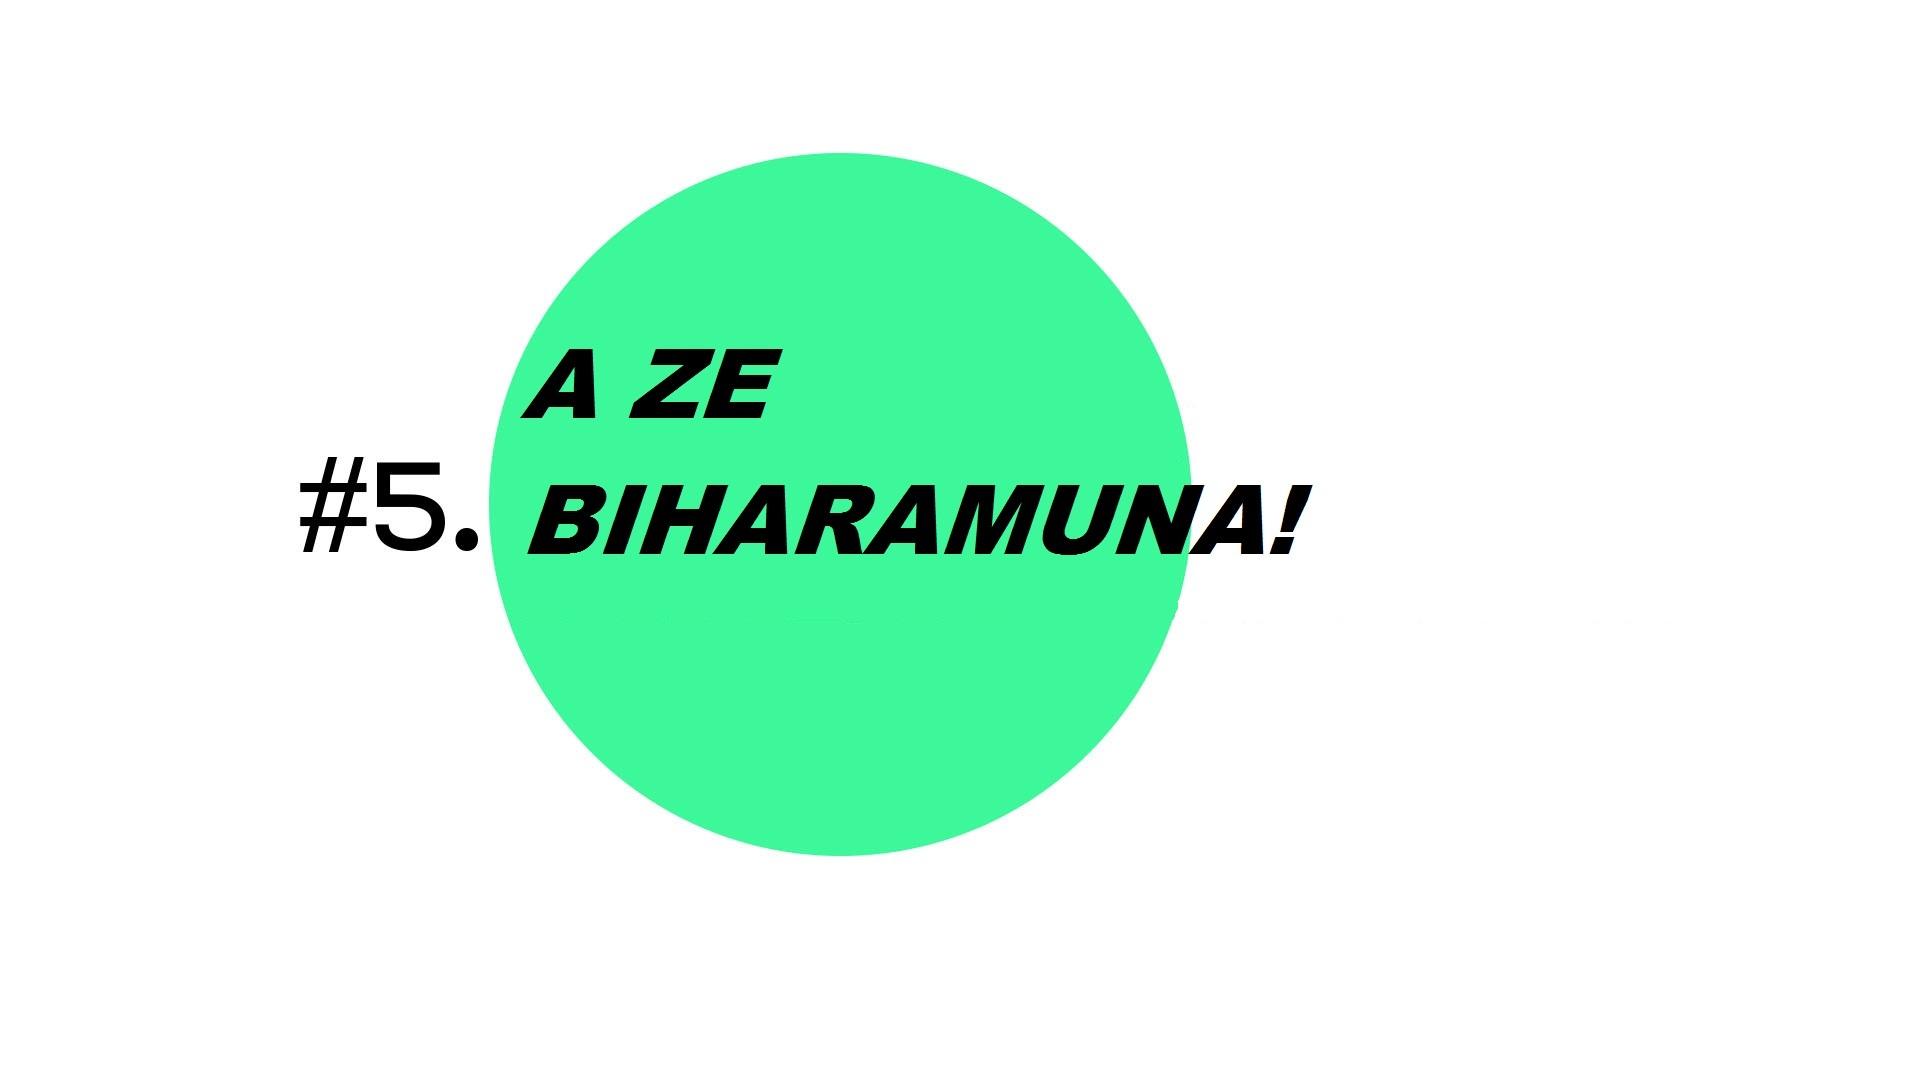 A ze biharamuna! (A2E05)